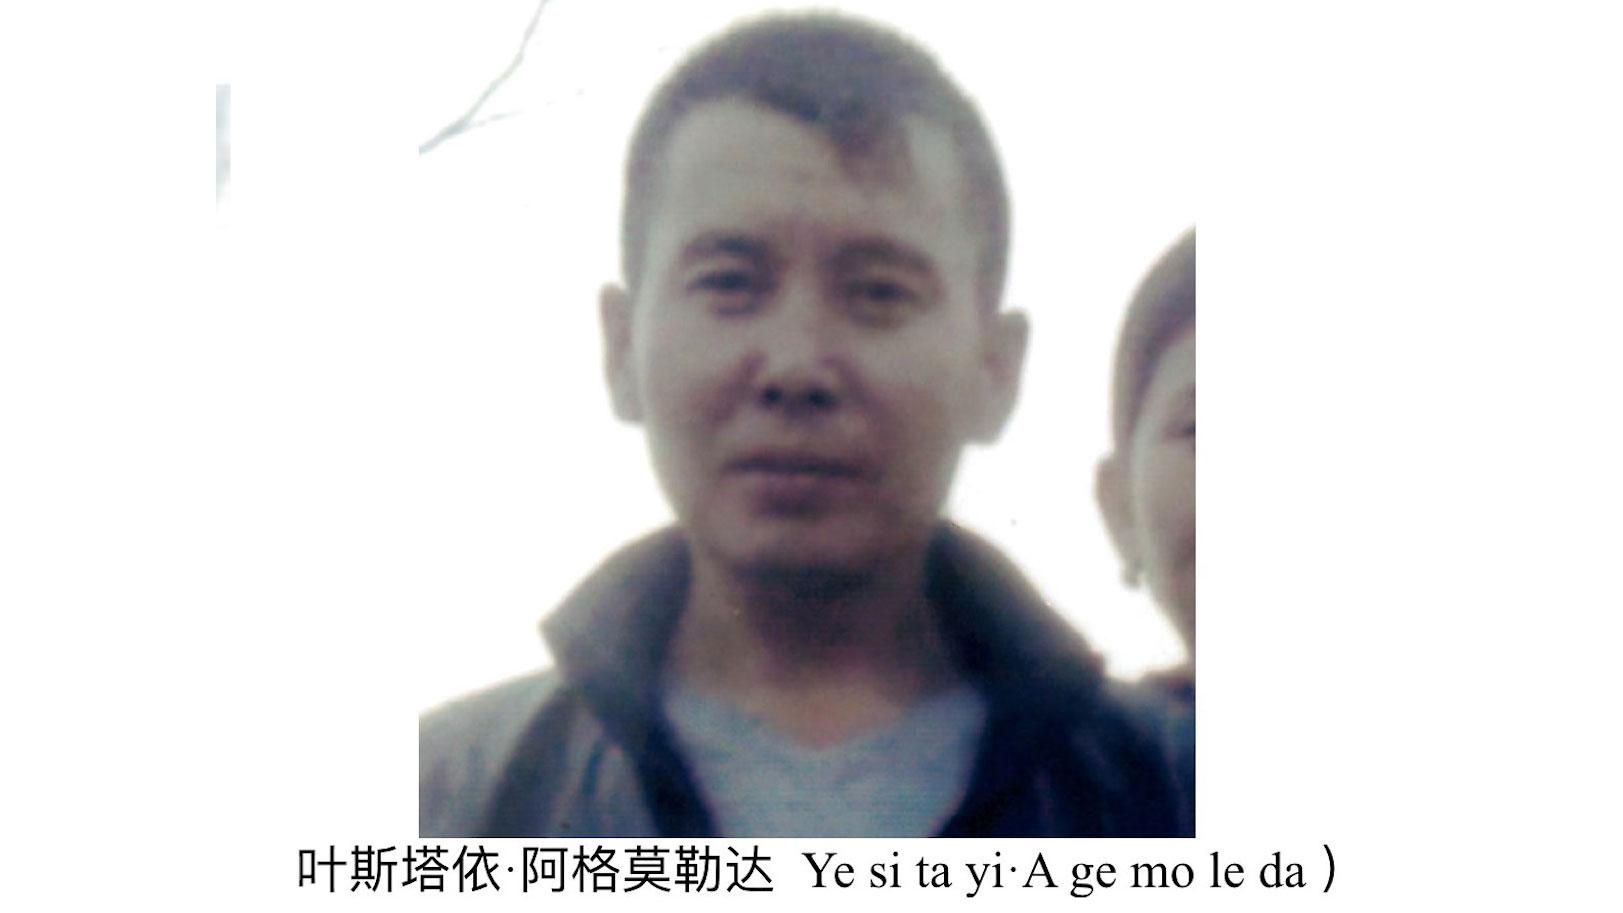 叶斯塔依.阿格莫勒达被判刑14年。(当事人提供/记者乔龙)